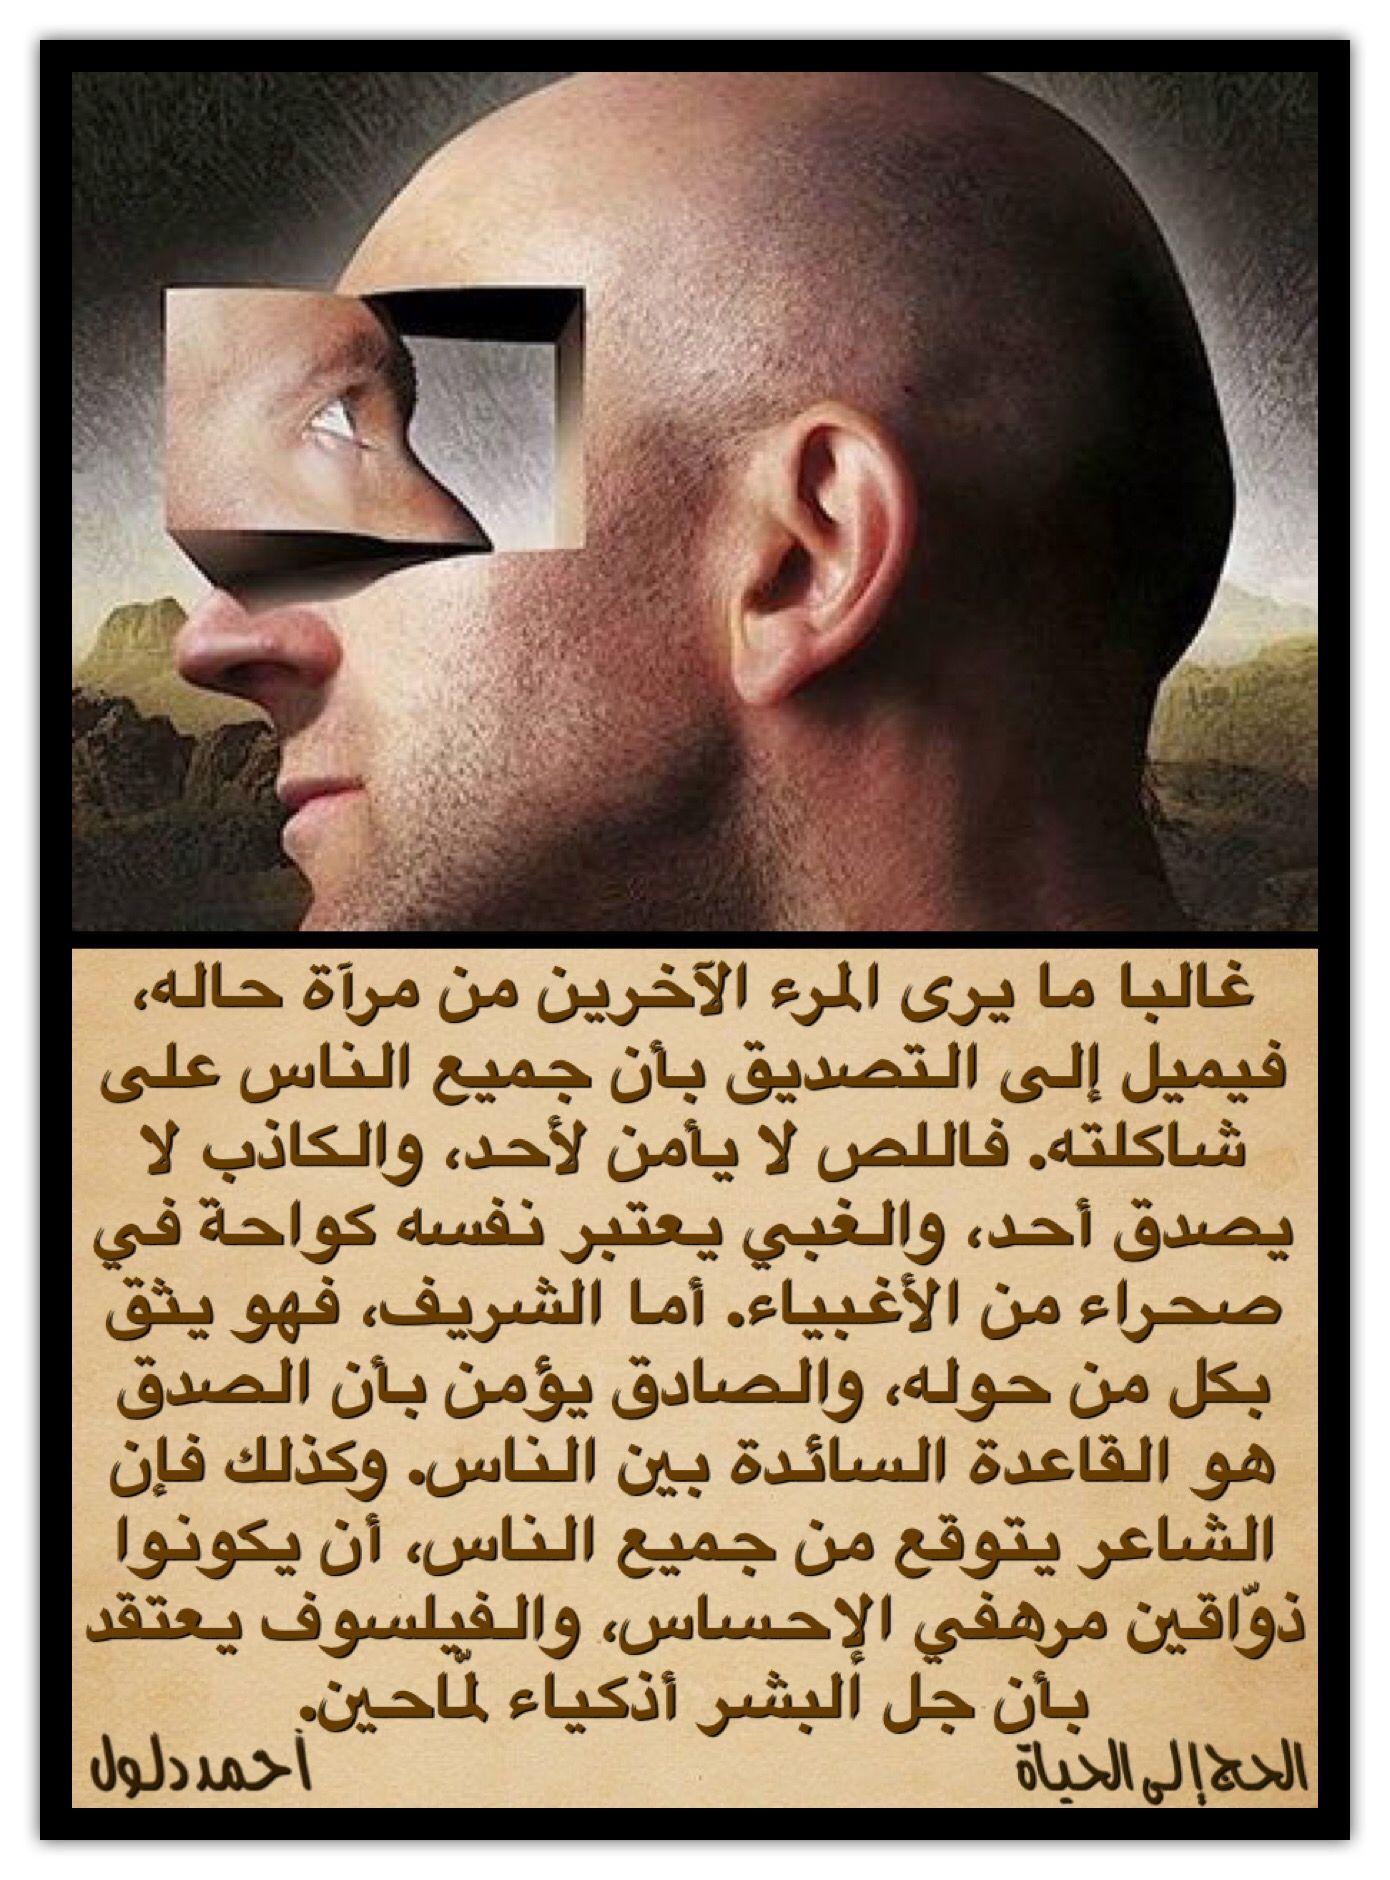 غالبا ما يرى المرء الآخرين من مرآة حاله فيميل إلى التصديق بأن جميع الناس على شاكلته فاللص لا يأمن لأحد والكاذب لا يصدق أحد والغبي يعتبر نفسه كواحة في صحراء